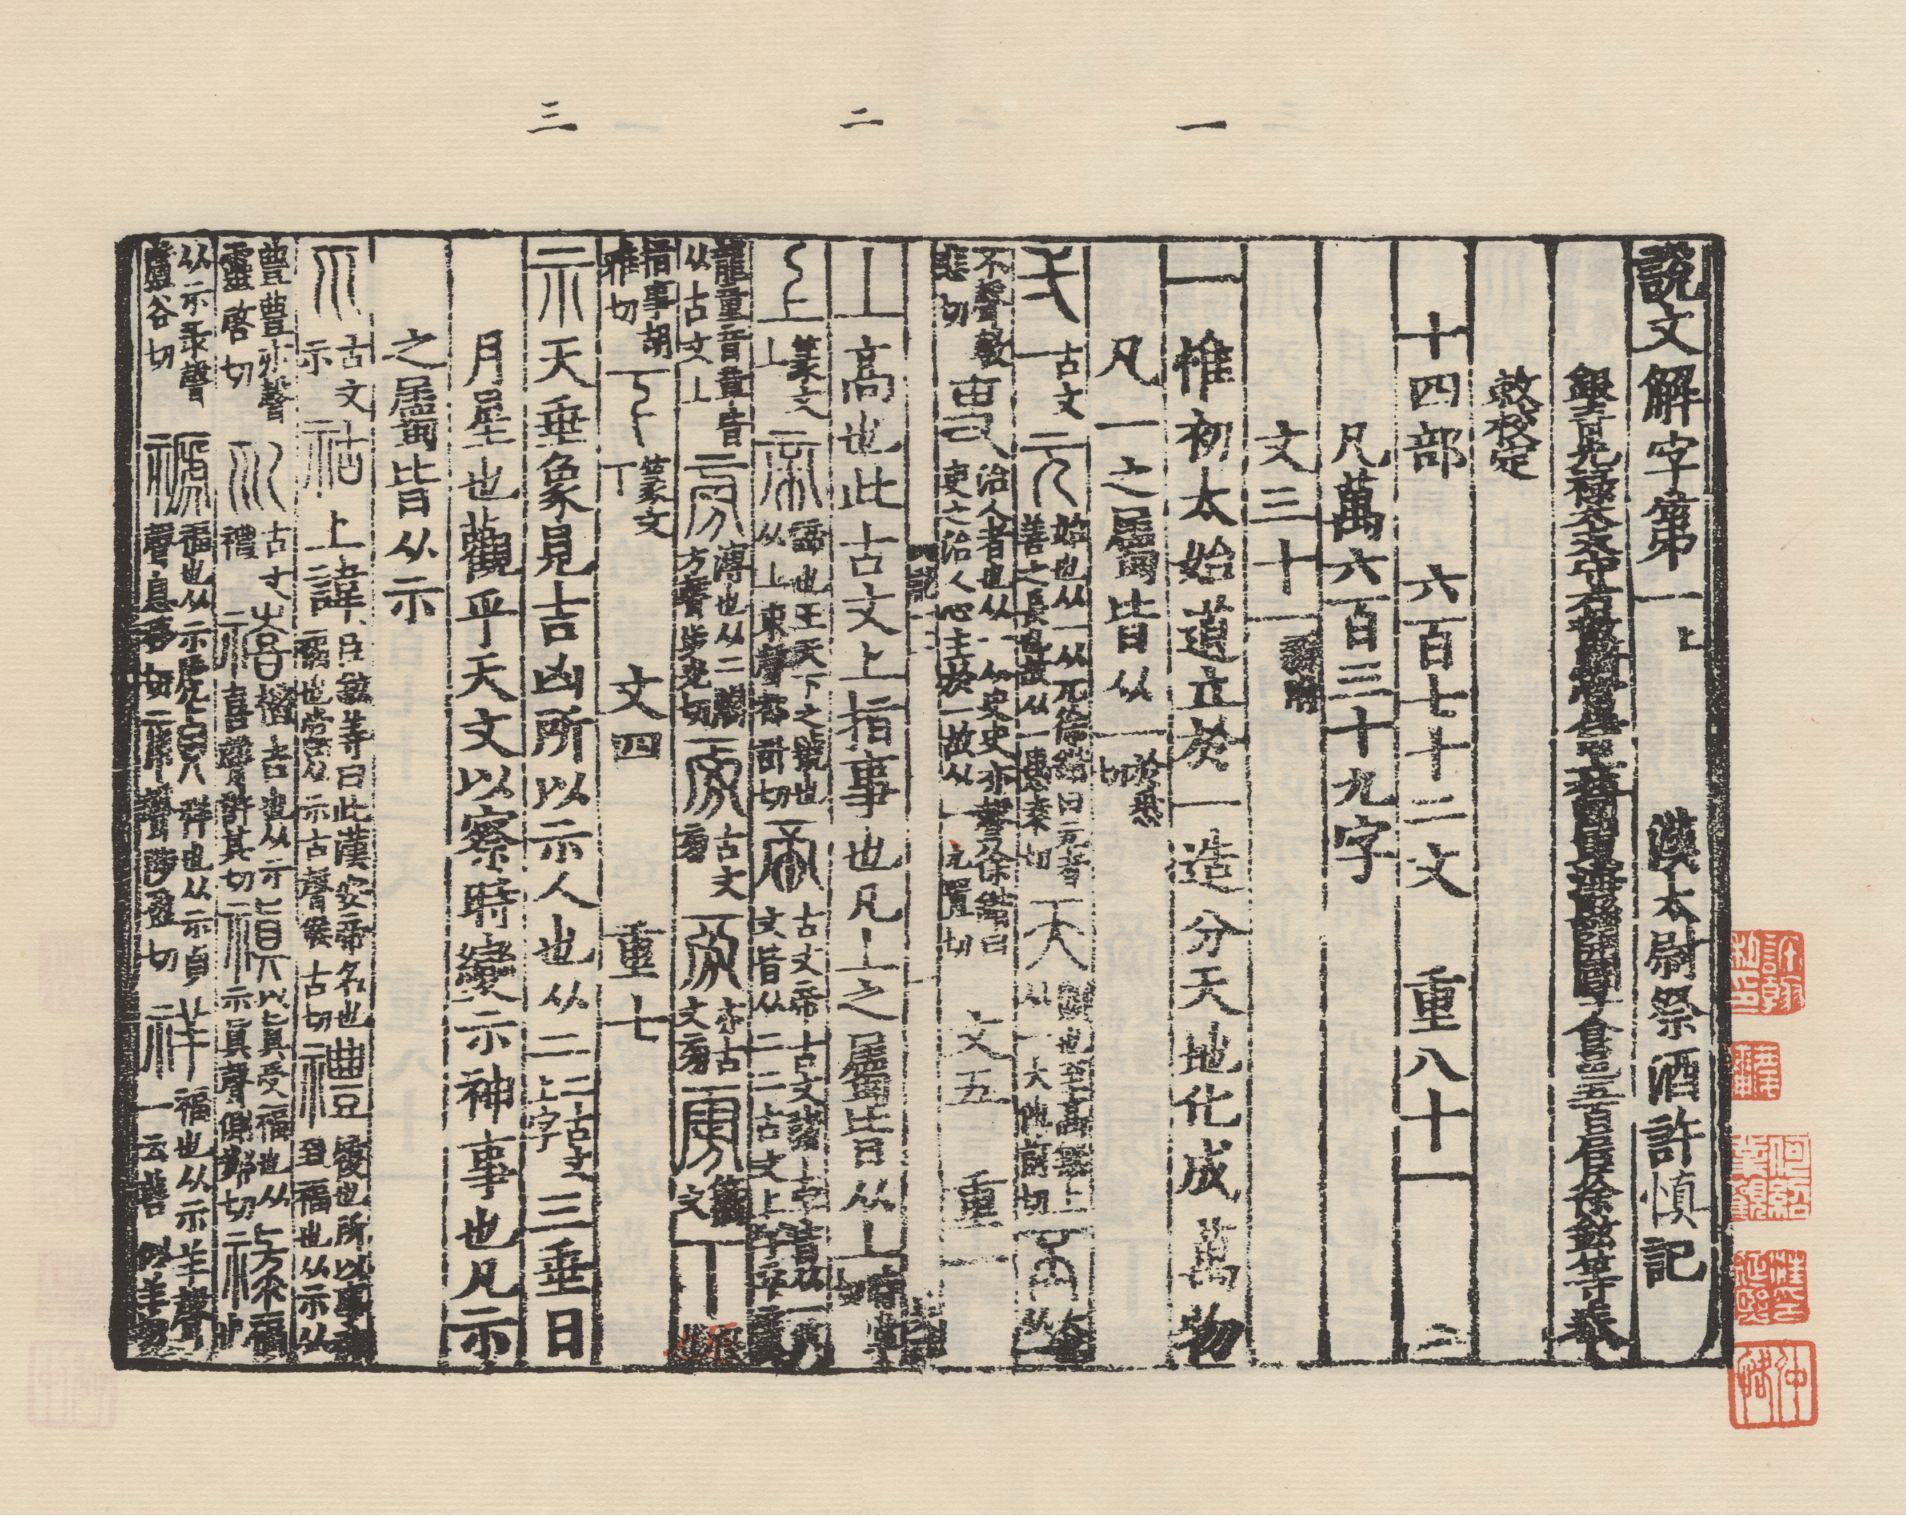 从《说文解字》开始,你也许会真正理解汉字的美